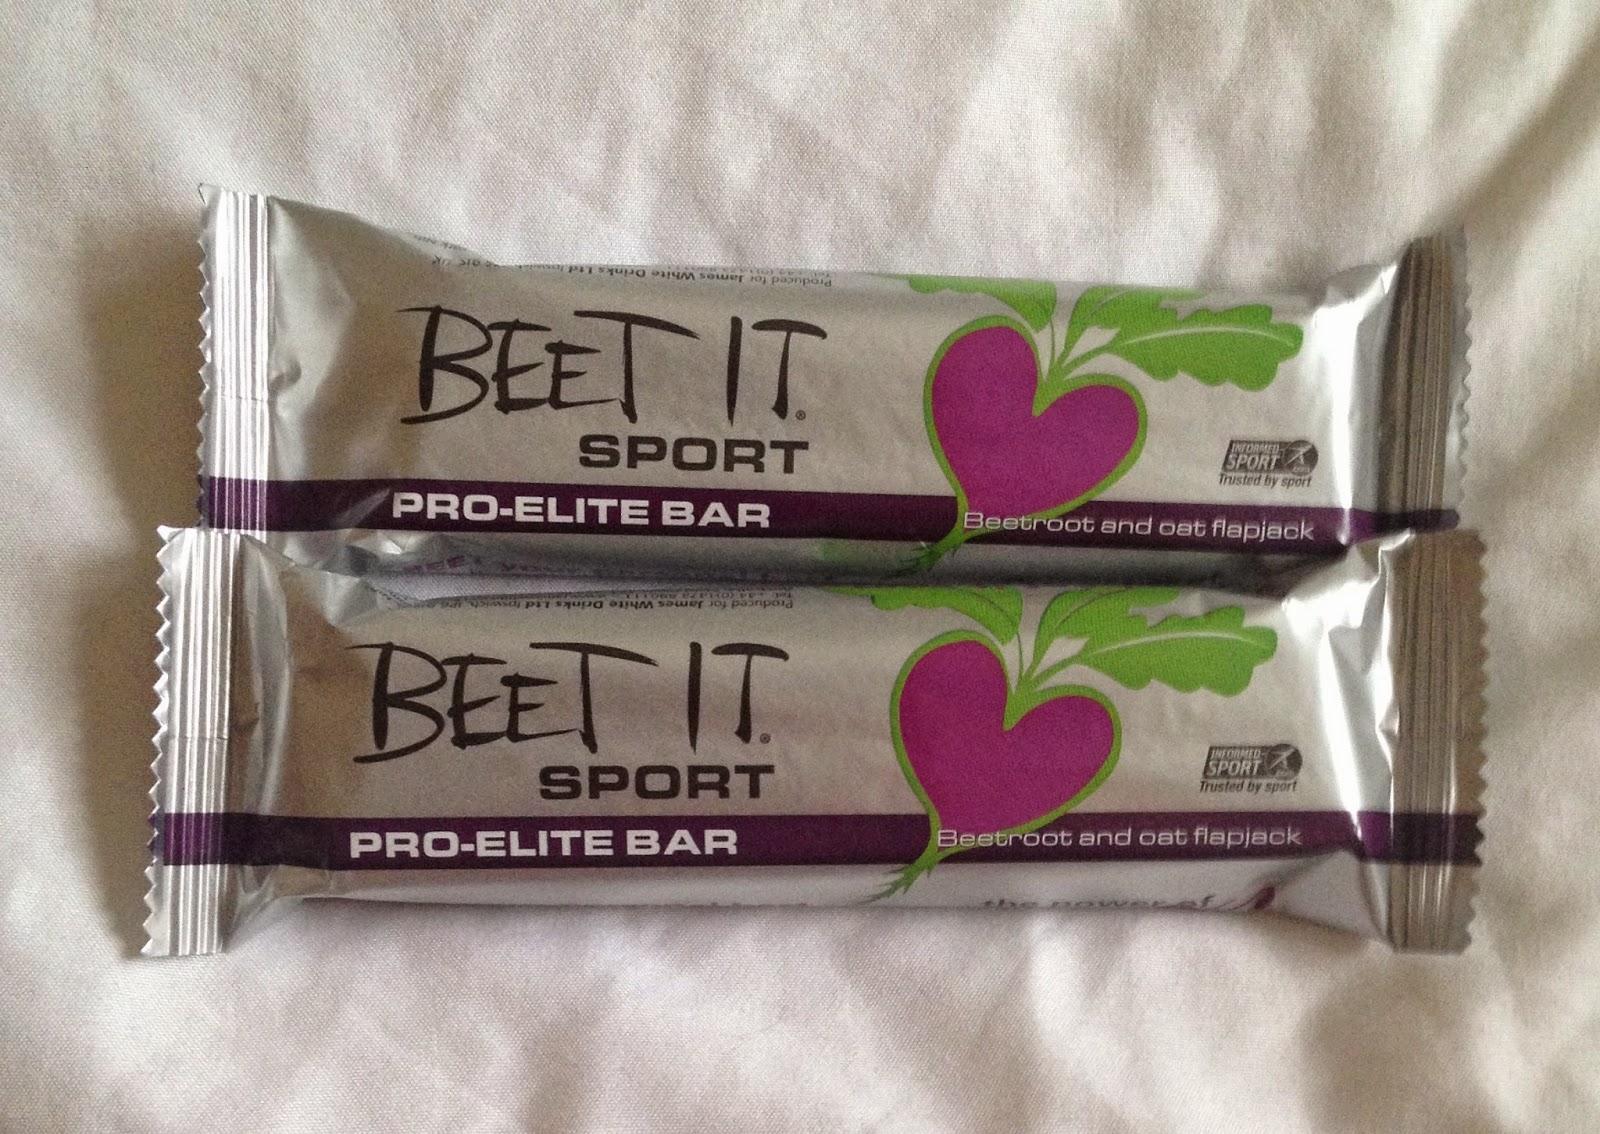 beet it sports bars